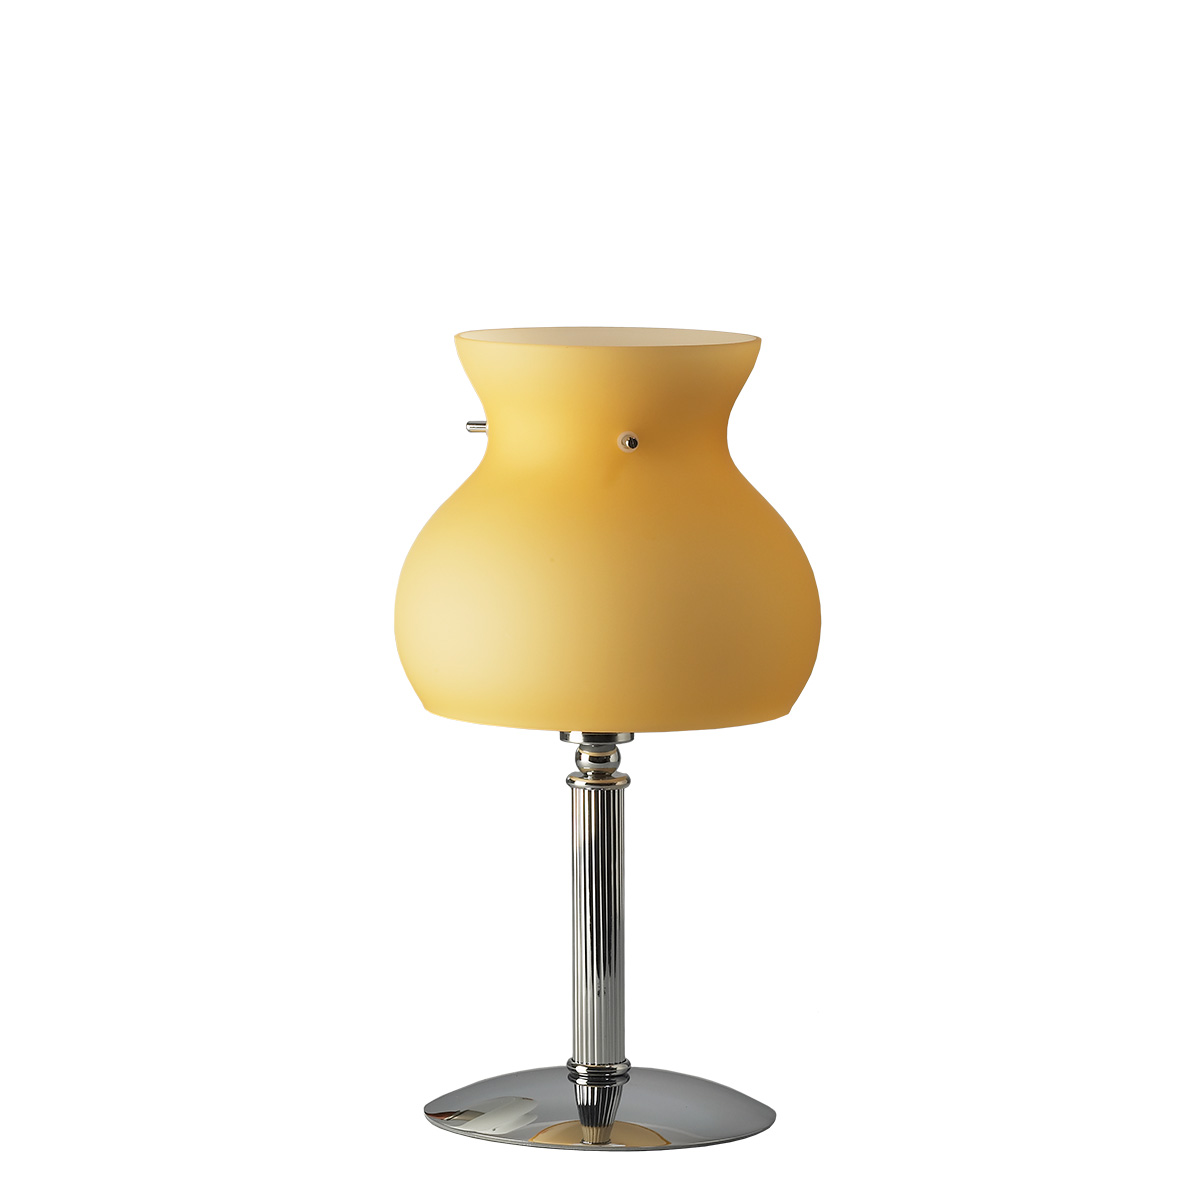 Πορτατίφ Μουράνο μελί GLOBO murano amber table lamp